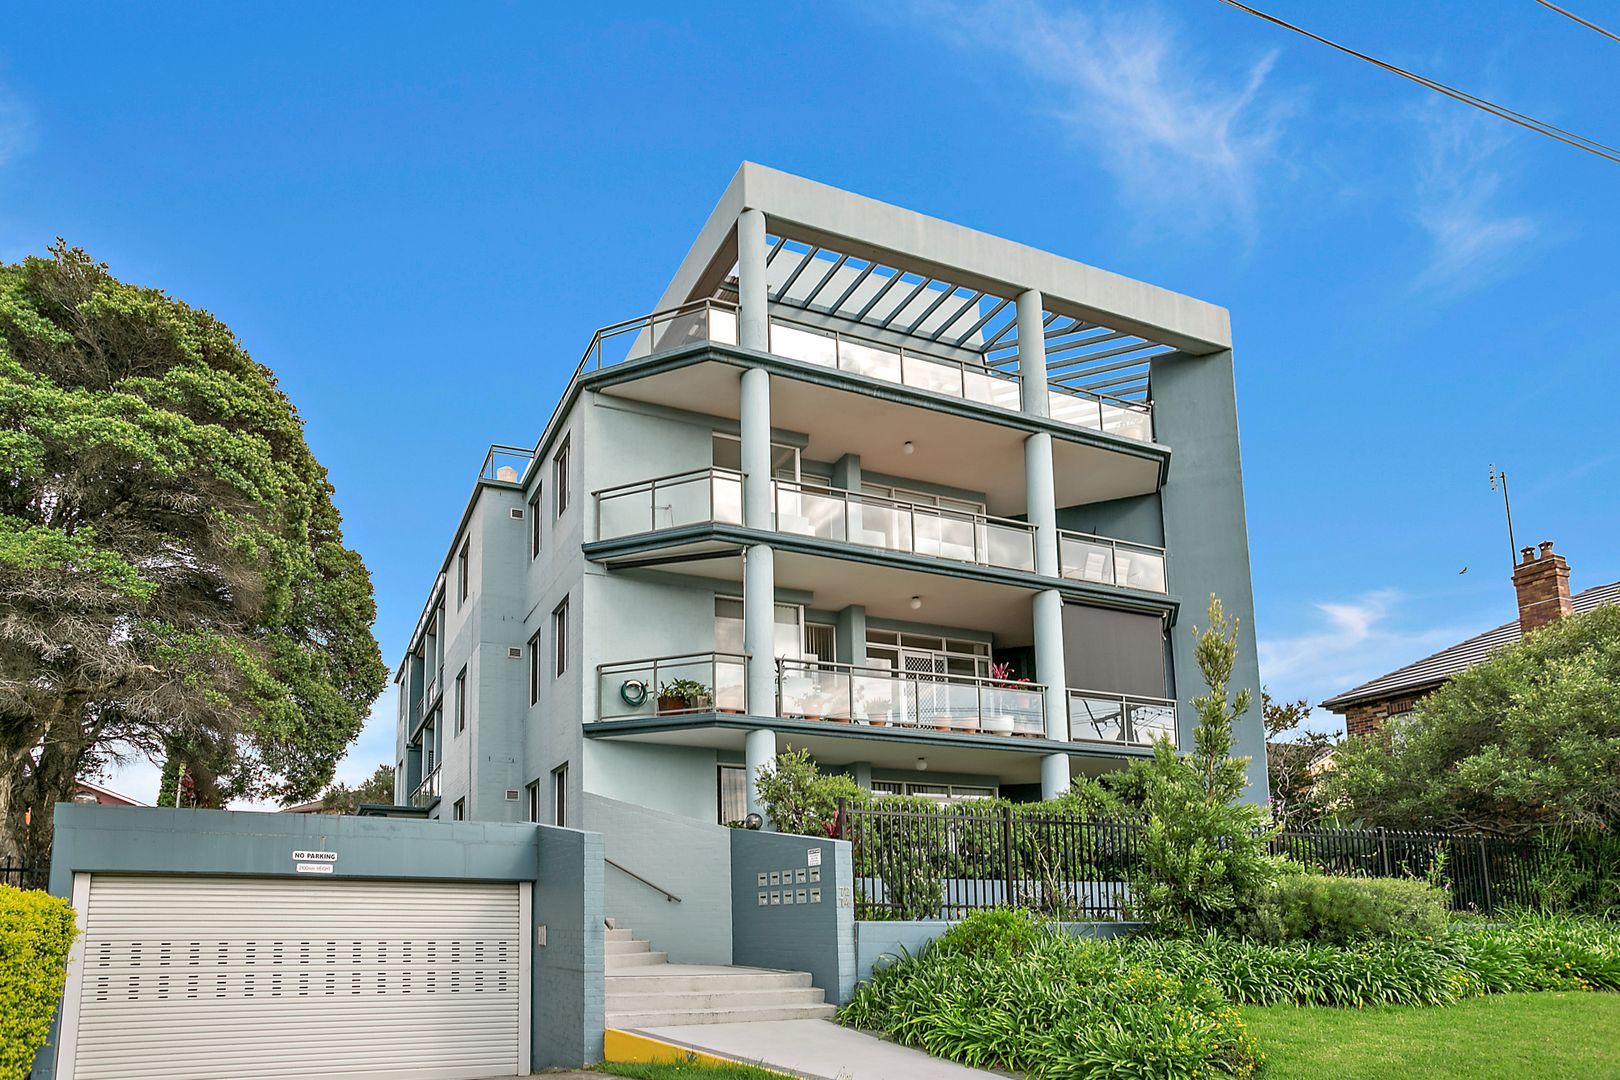 7/72-74 Corrimal Street, Wollongong NSW 2500, Image 1